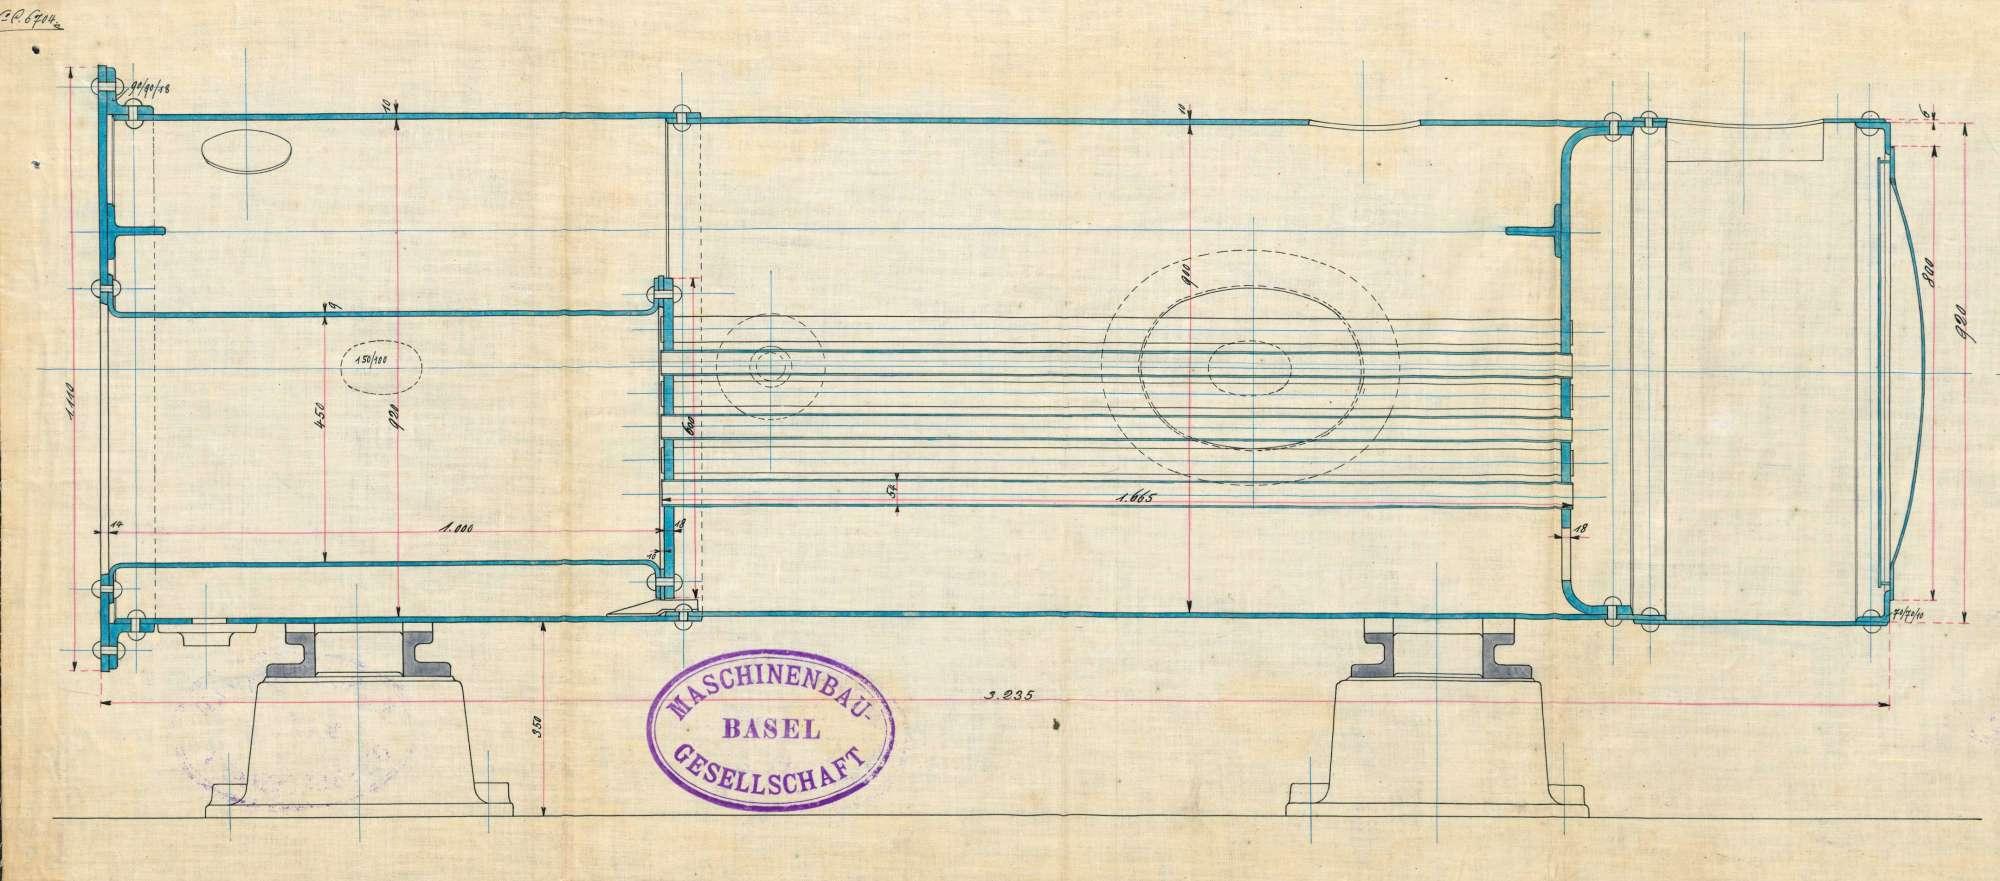 Gesuch der Fa. Gebrüder Grether, Maulburg, um Erlaubnis zur Anlegung eines Dampfkessels in ihrem Gipswerk in Höllstein, Bild 3